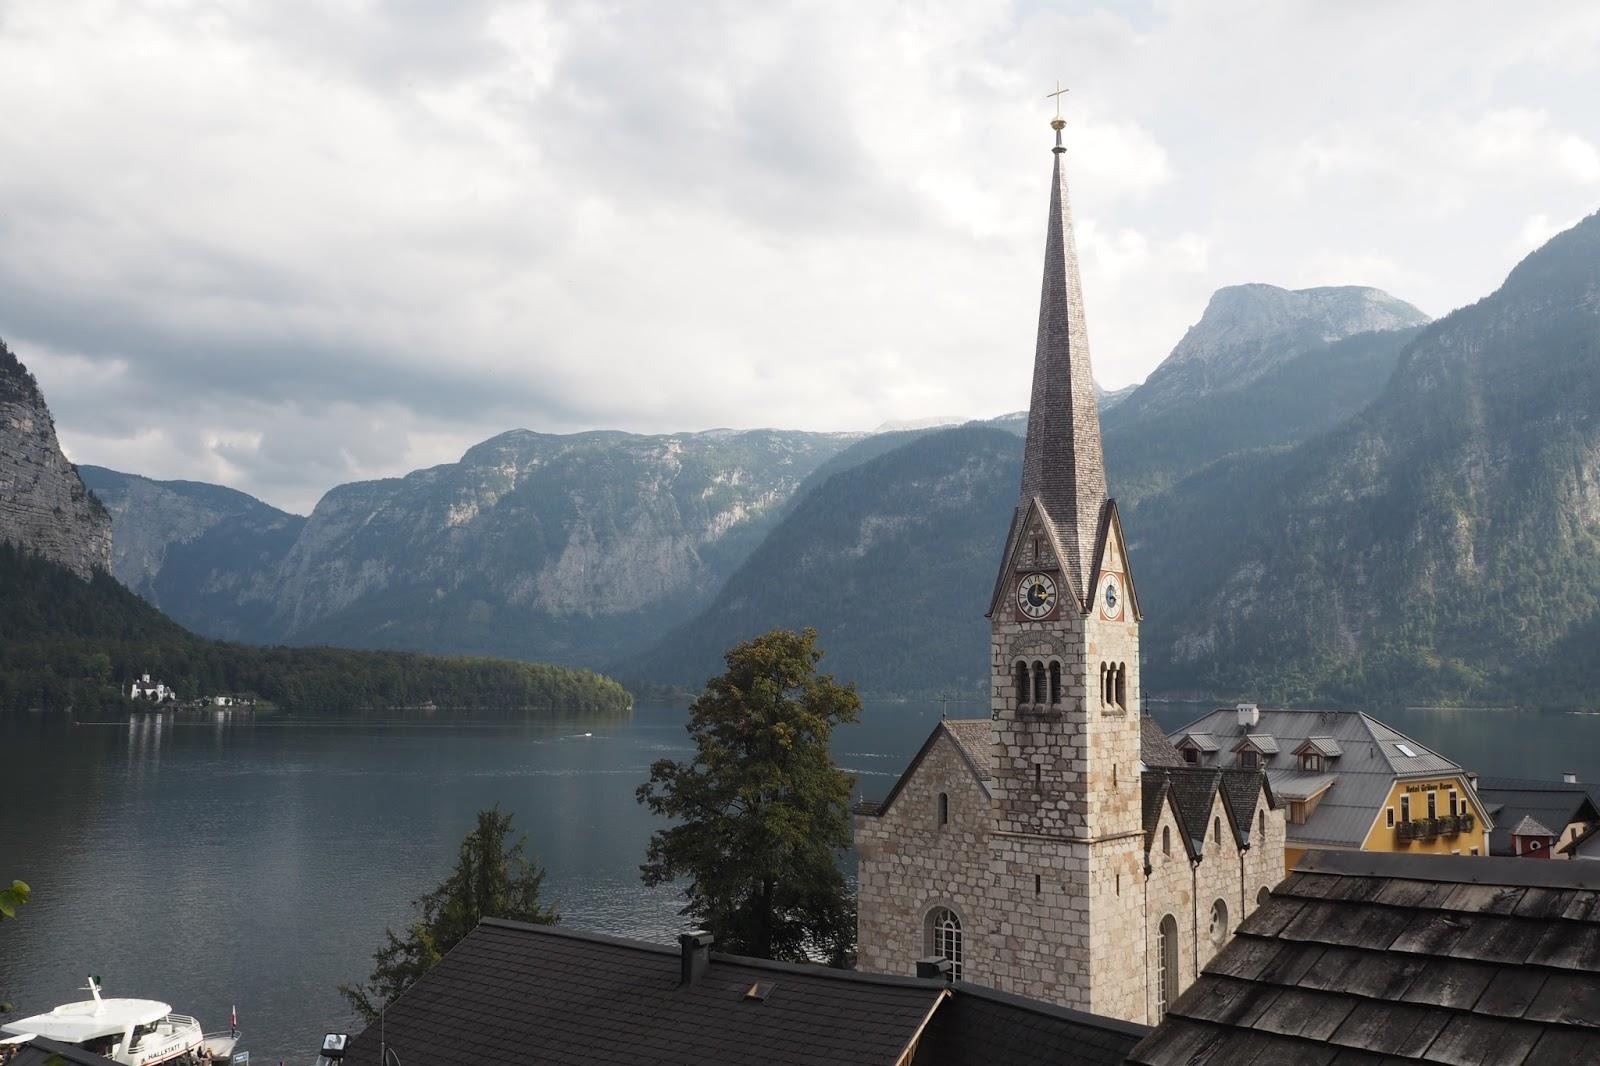 Views of Hallstatt